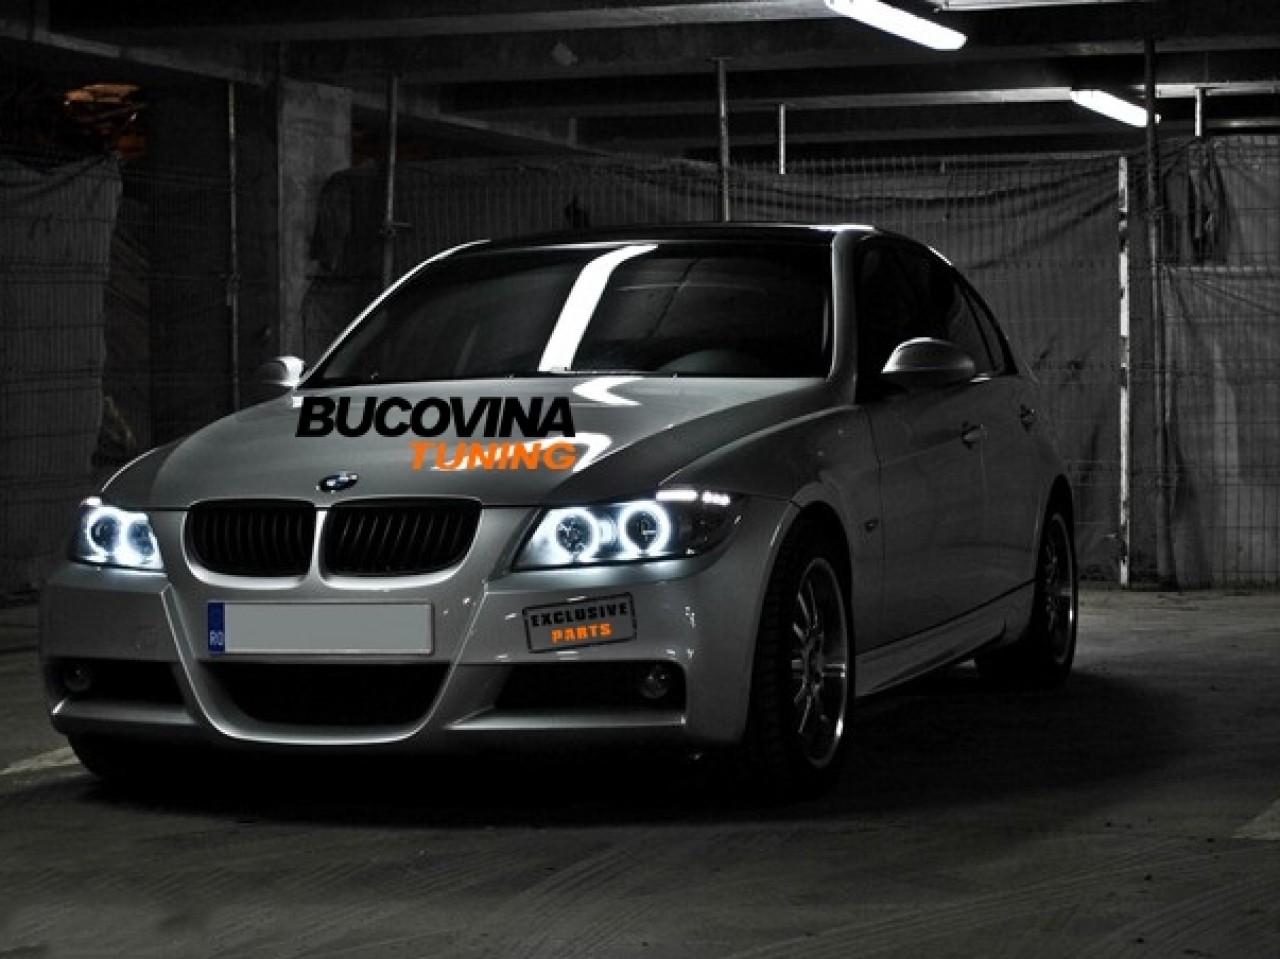 KIT EXTERIOR BMW SERIA 3 E90 (05-08) M-TECH DESIGN